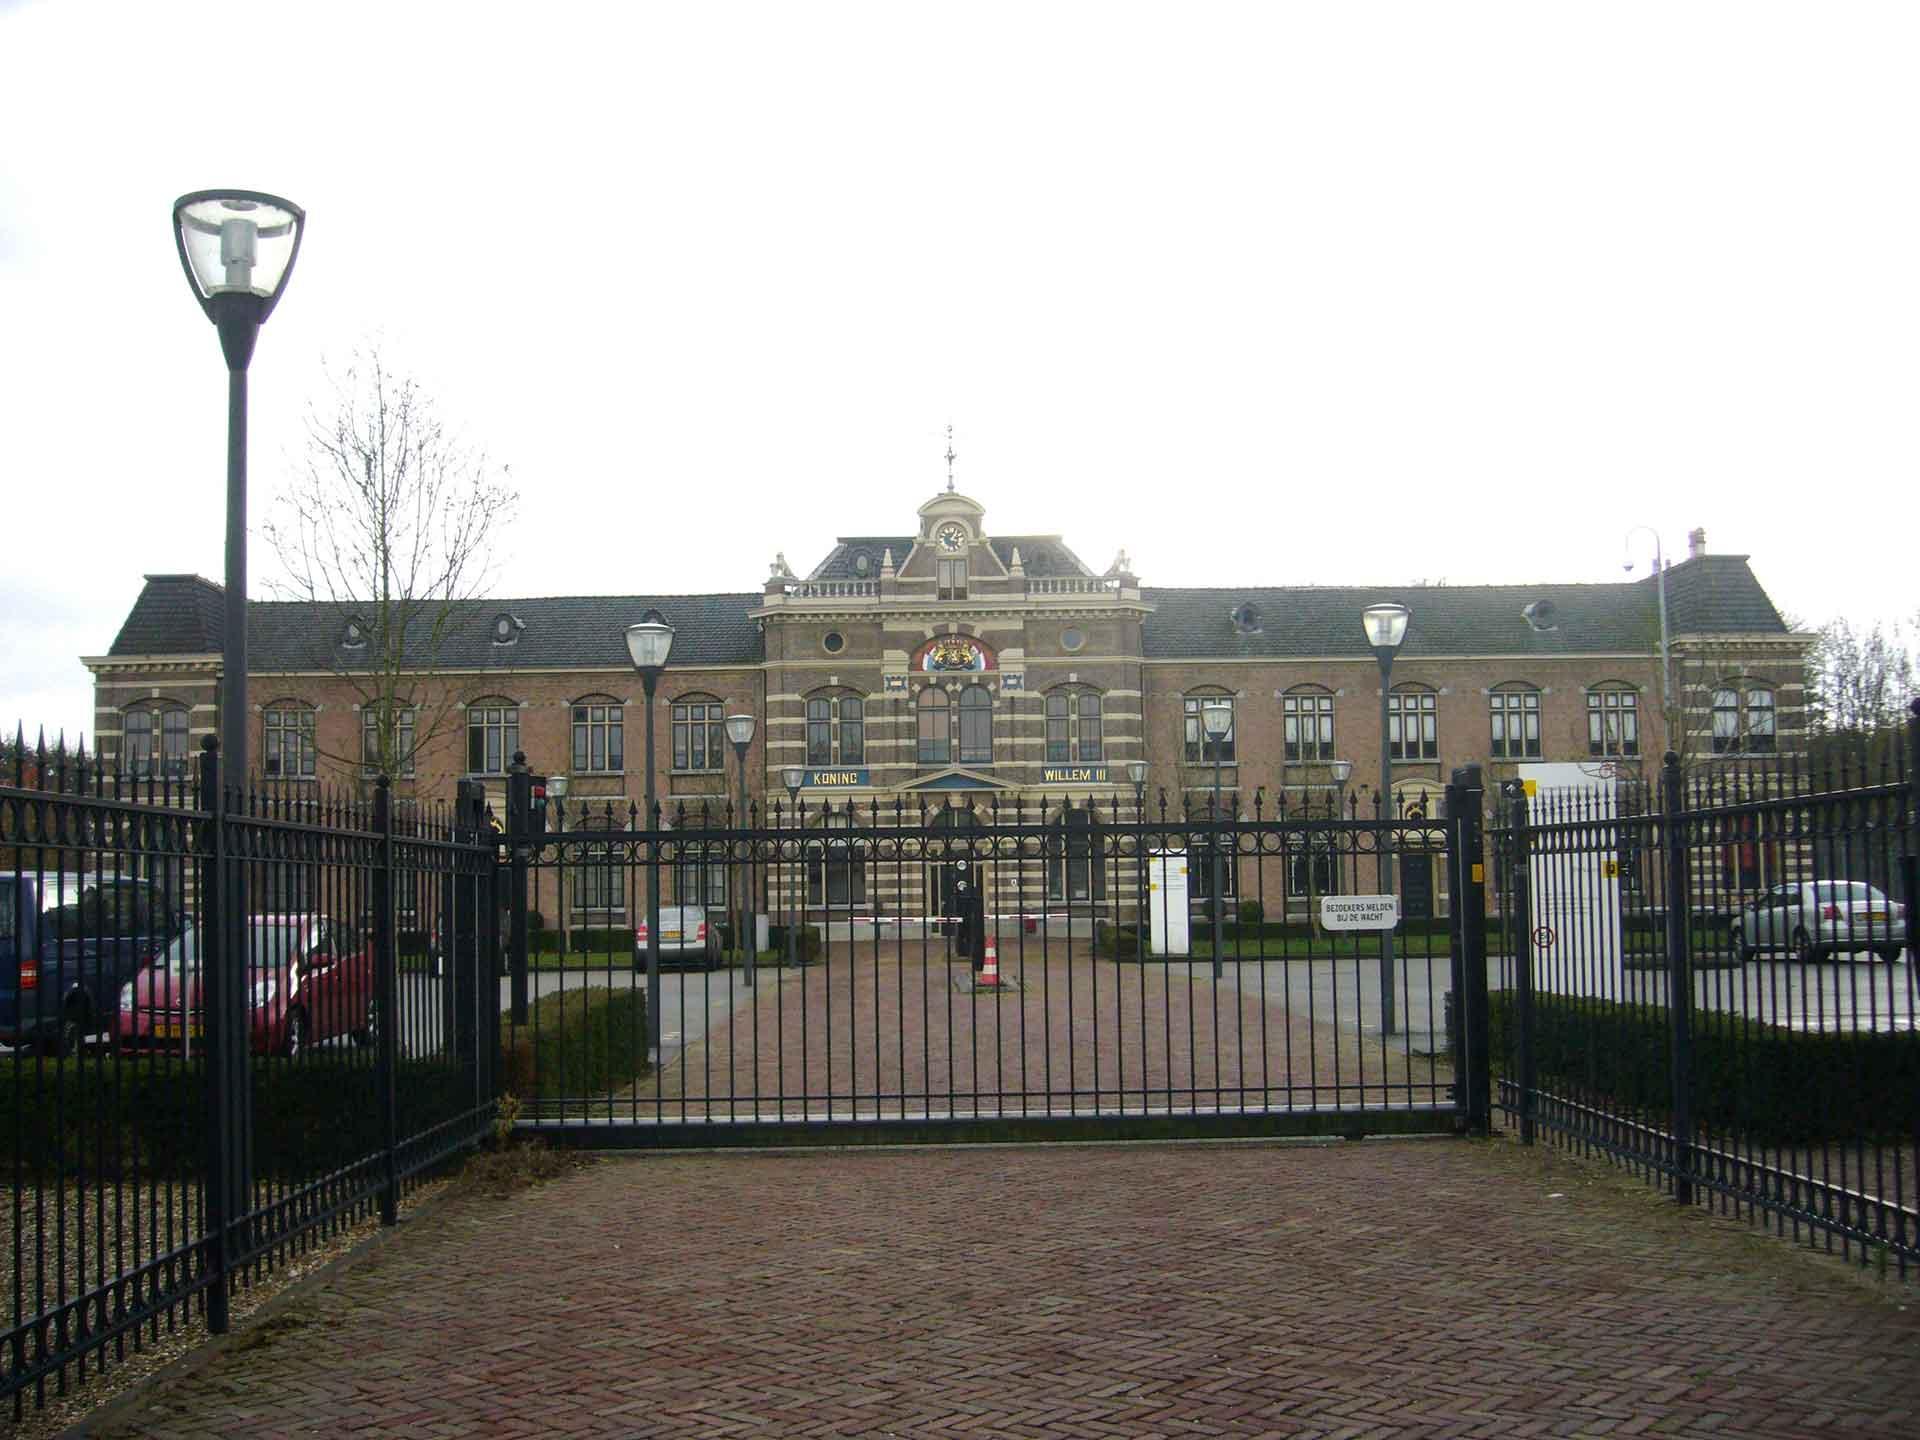 Penitentiaire Inrichting PI Utrecht Nieuwersluis - Weening Strafrechtadvocaten